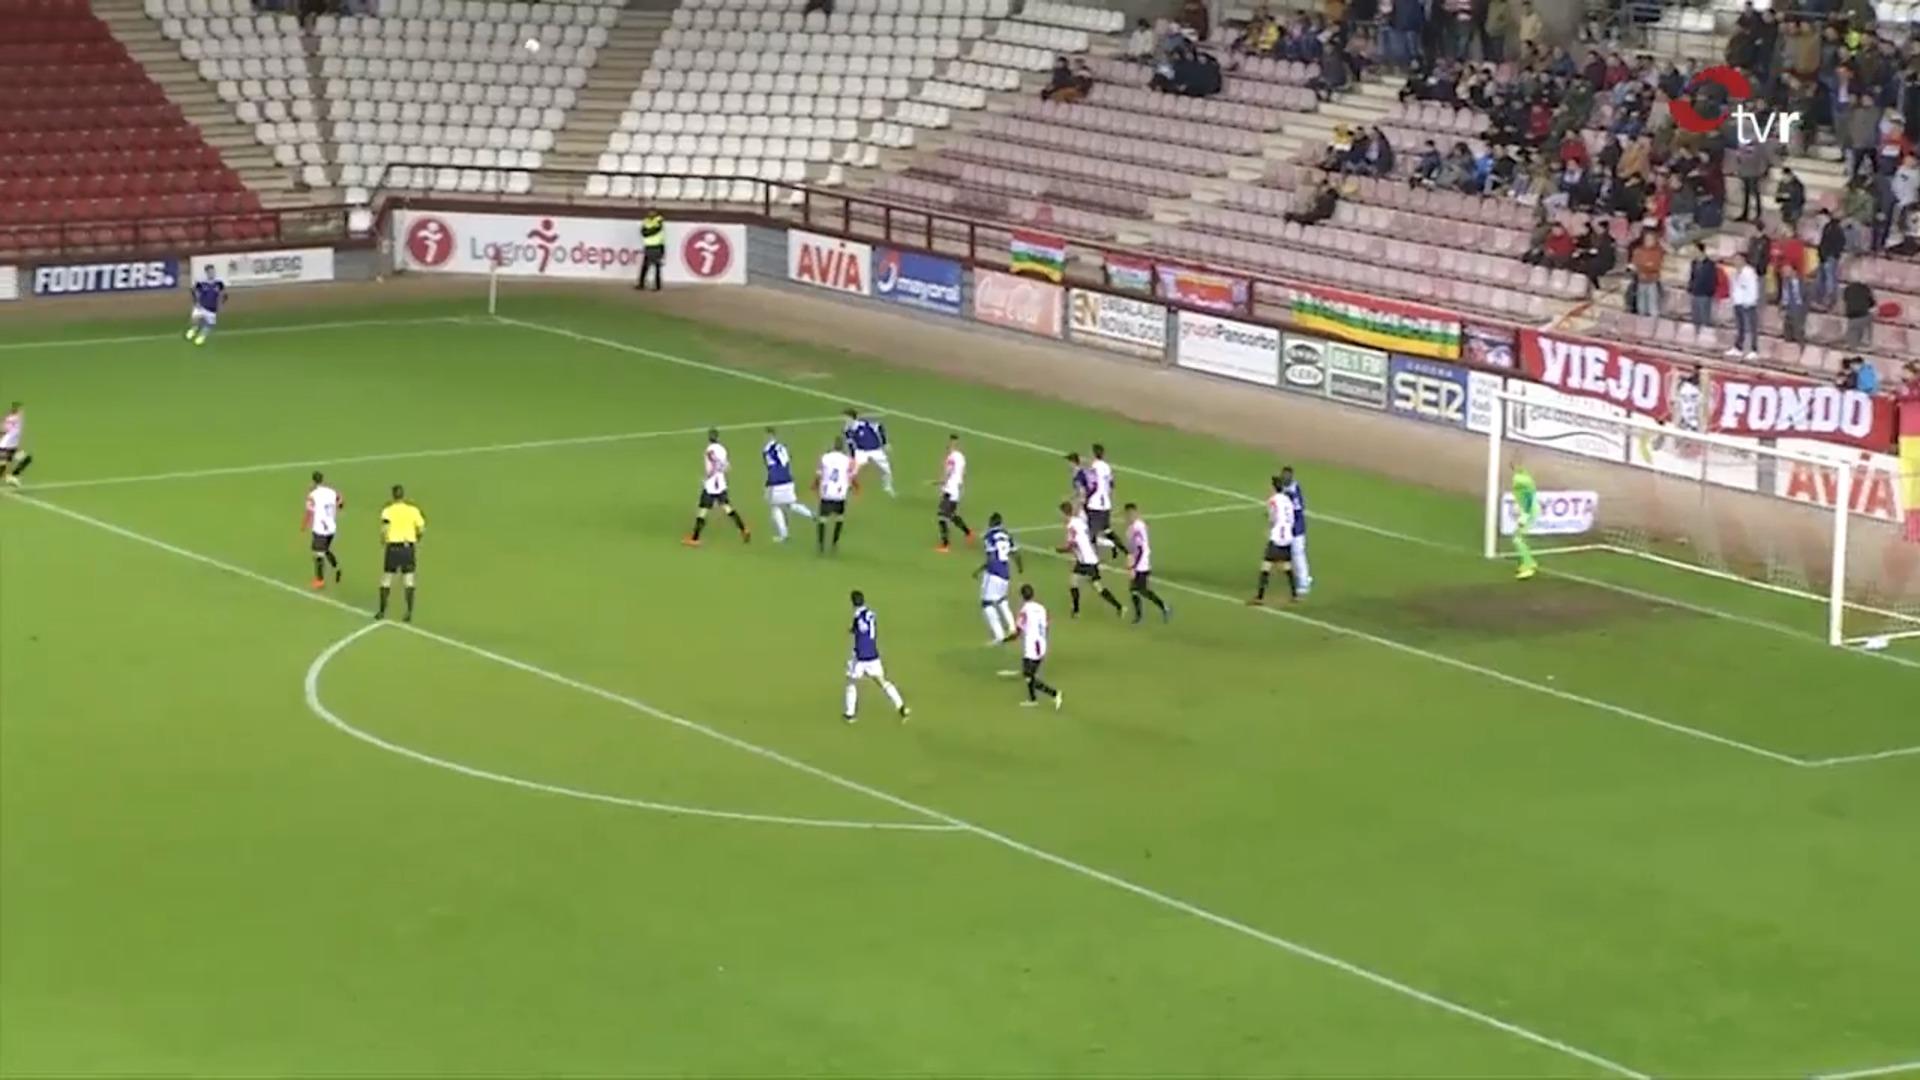 Unión Deportiva Logroñés-Burgos, en directo en TVR